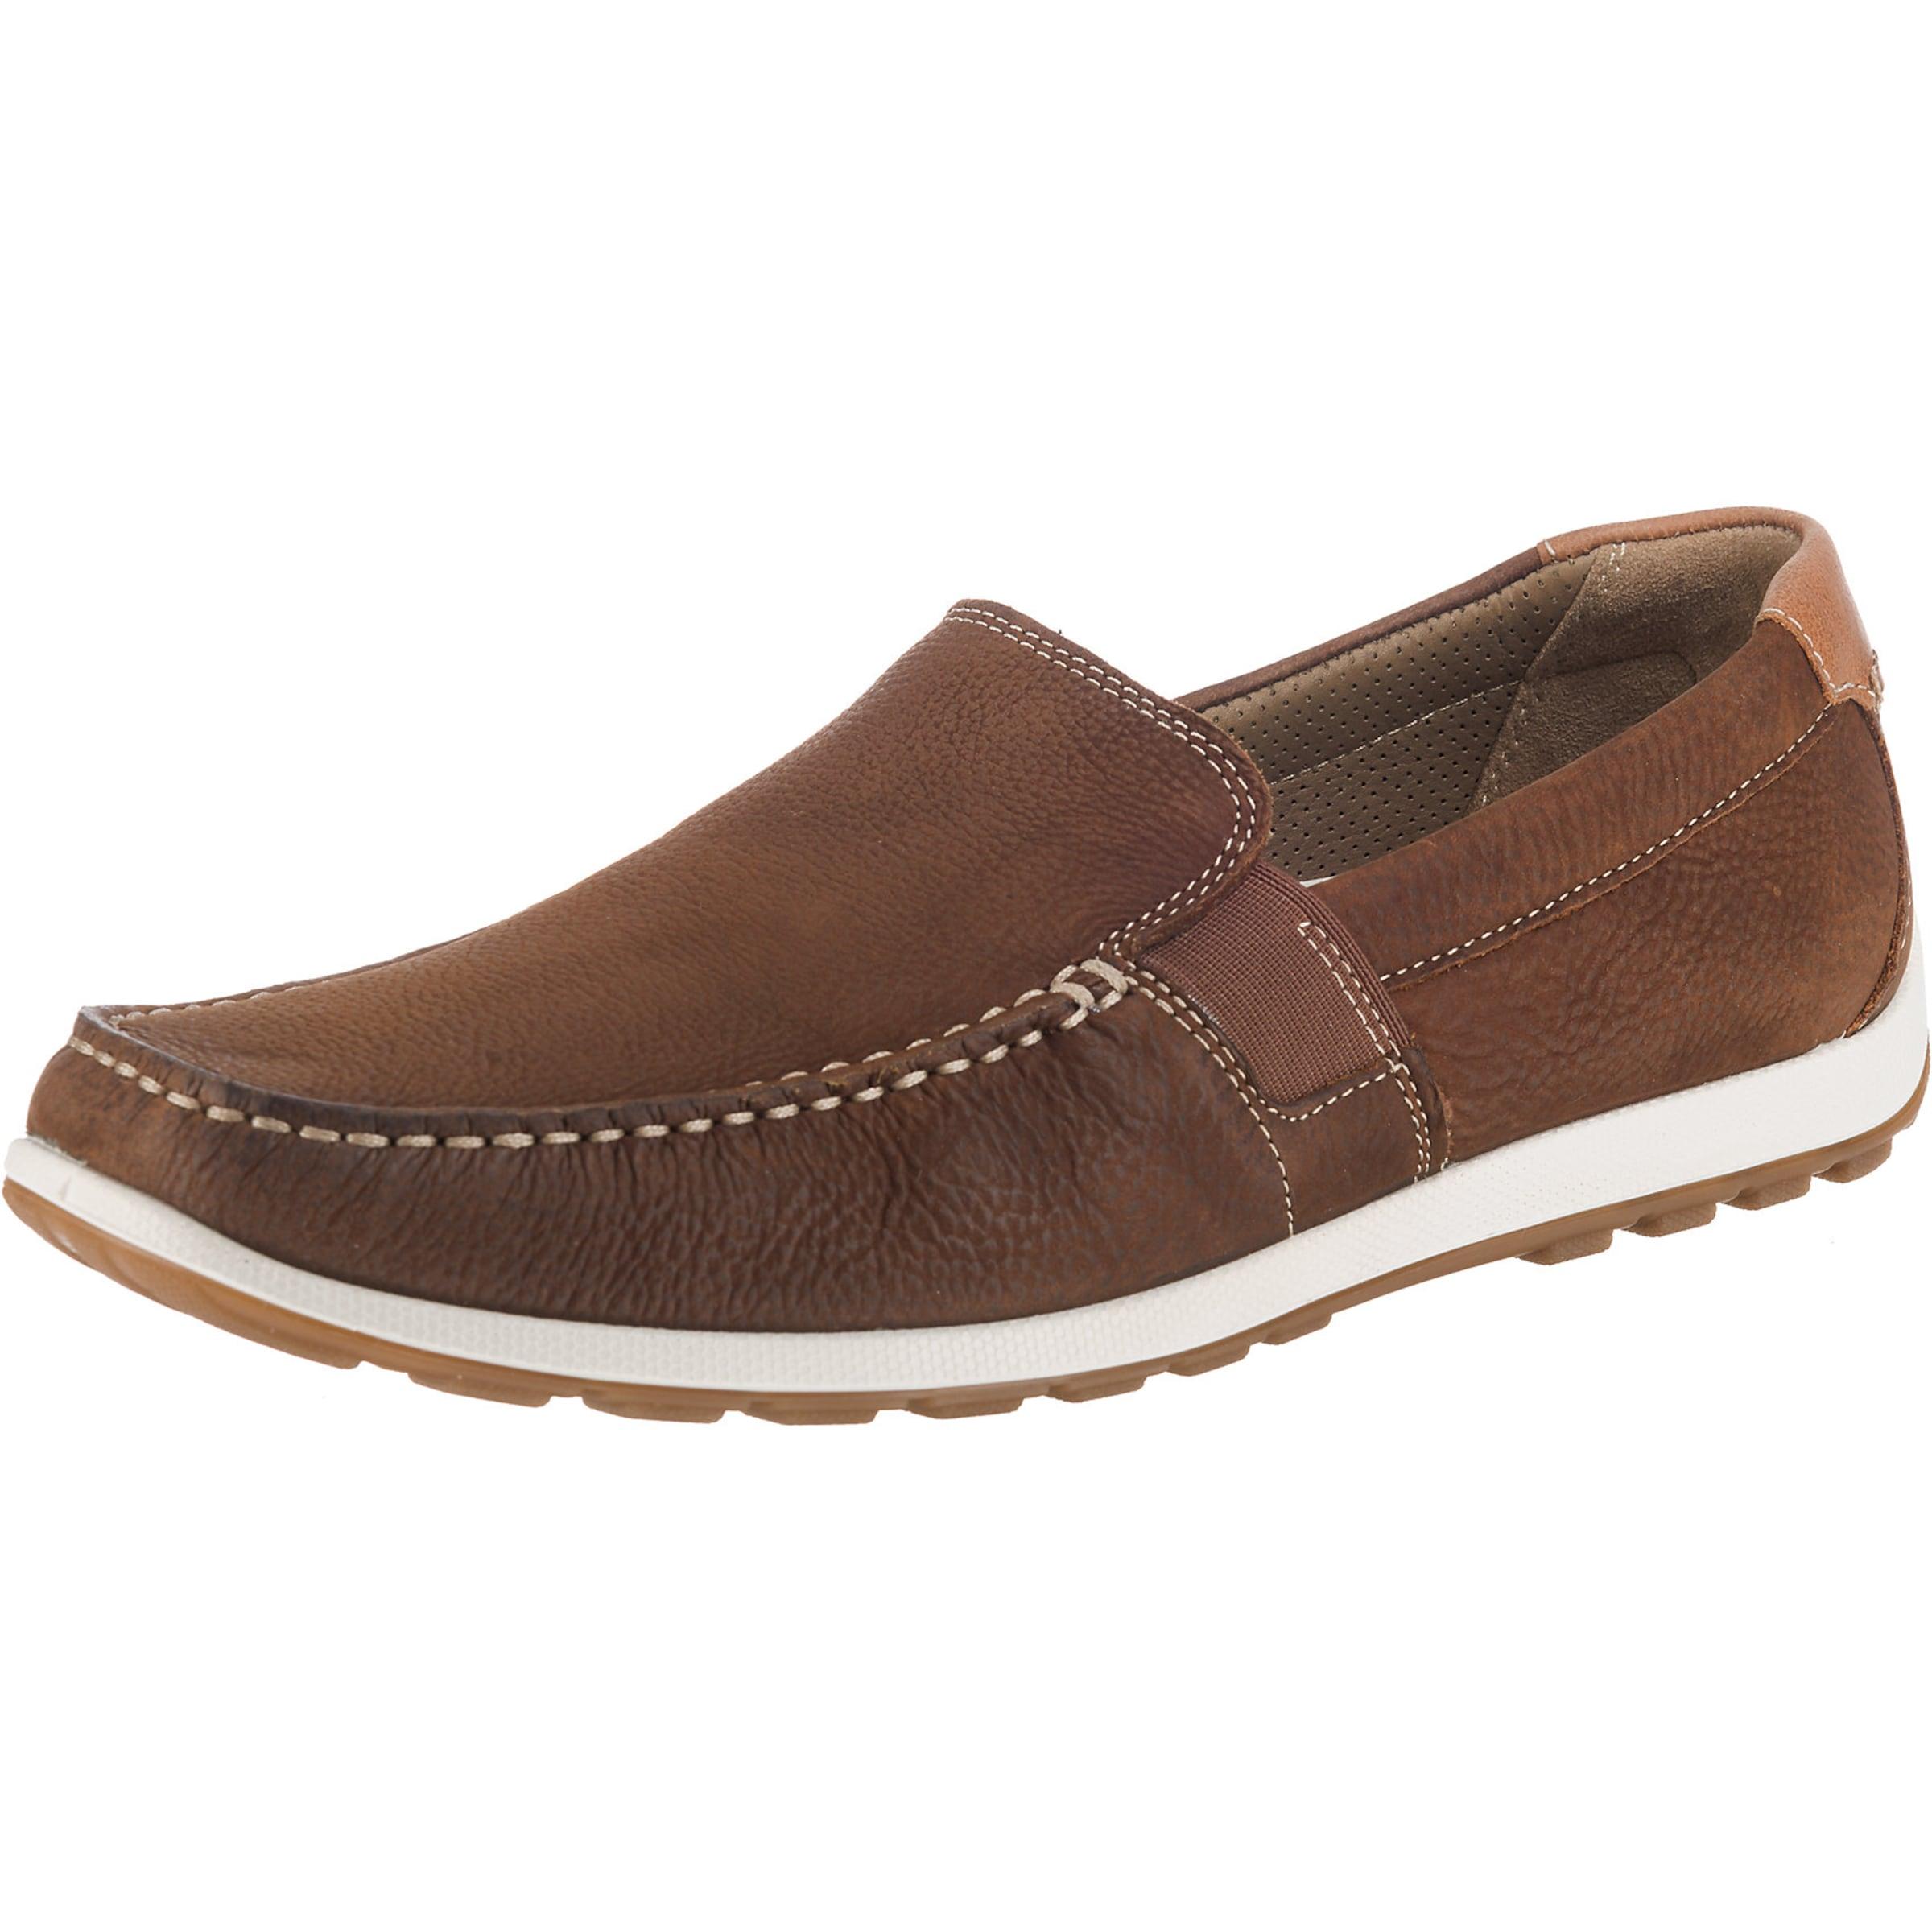 ECCO Slipper Reciprico Verschleißfeste billige Schuhe